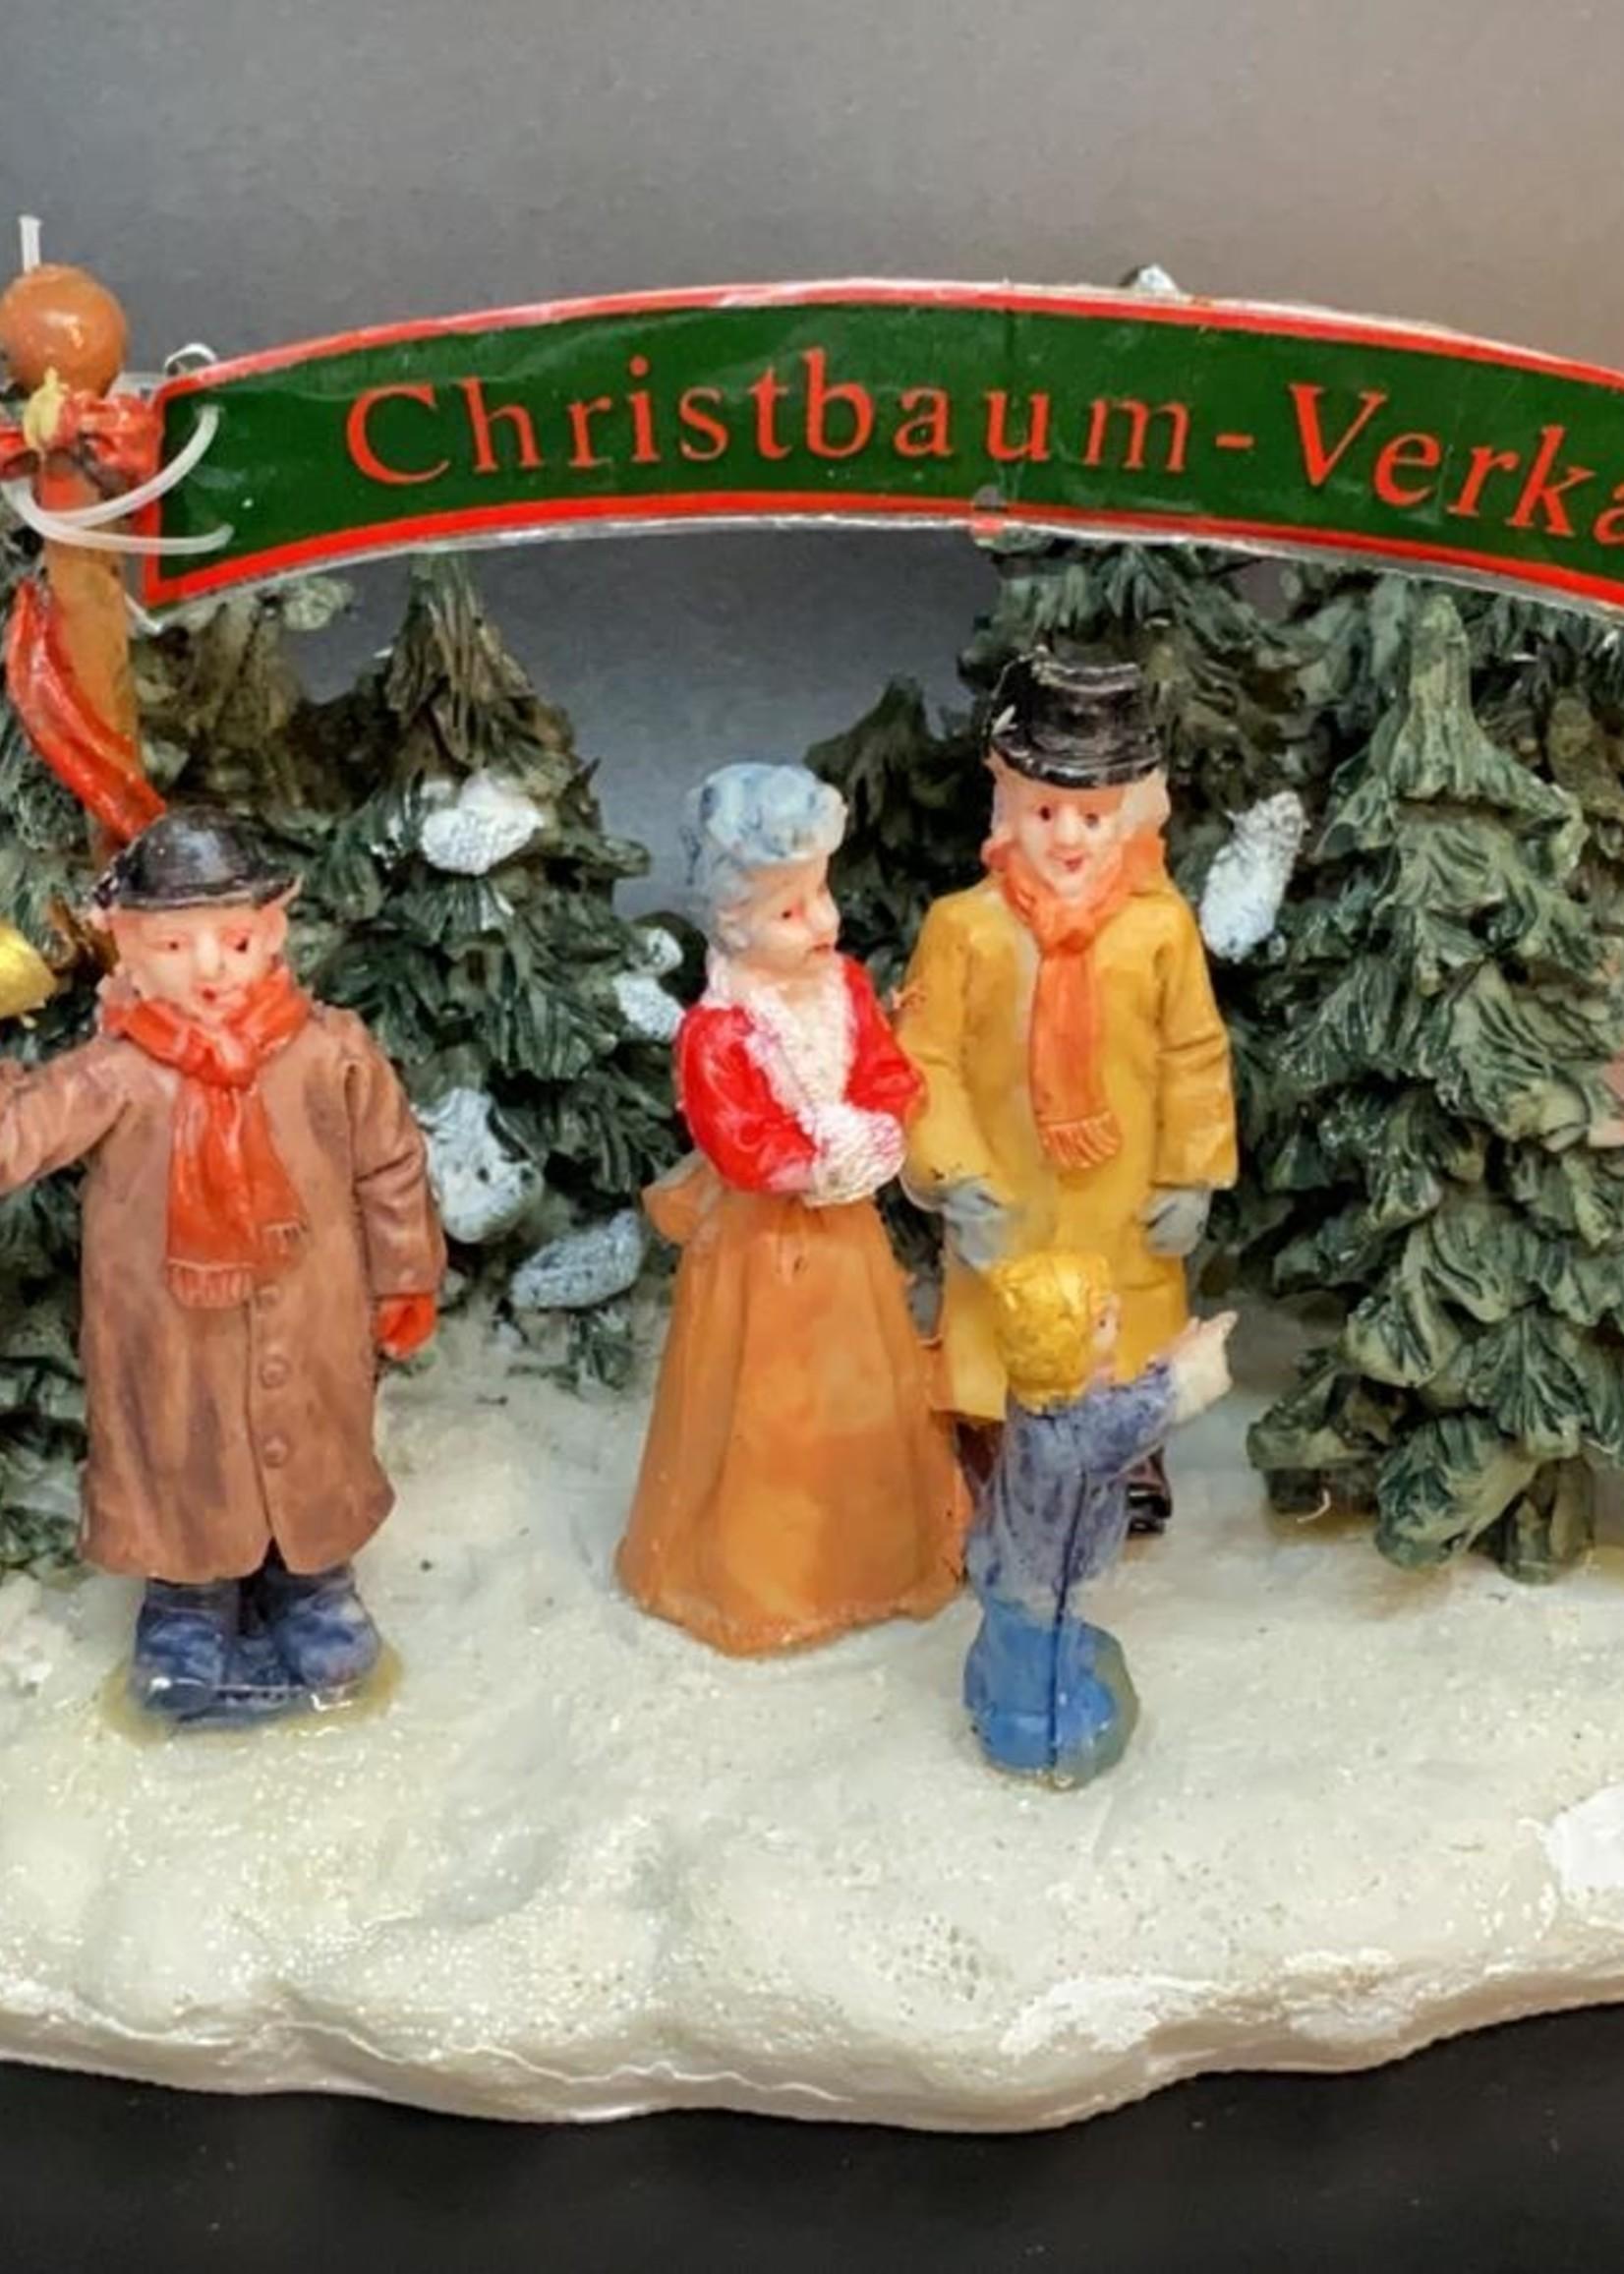 Kerstboom verkoopstand voor kerstdorp